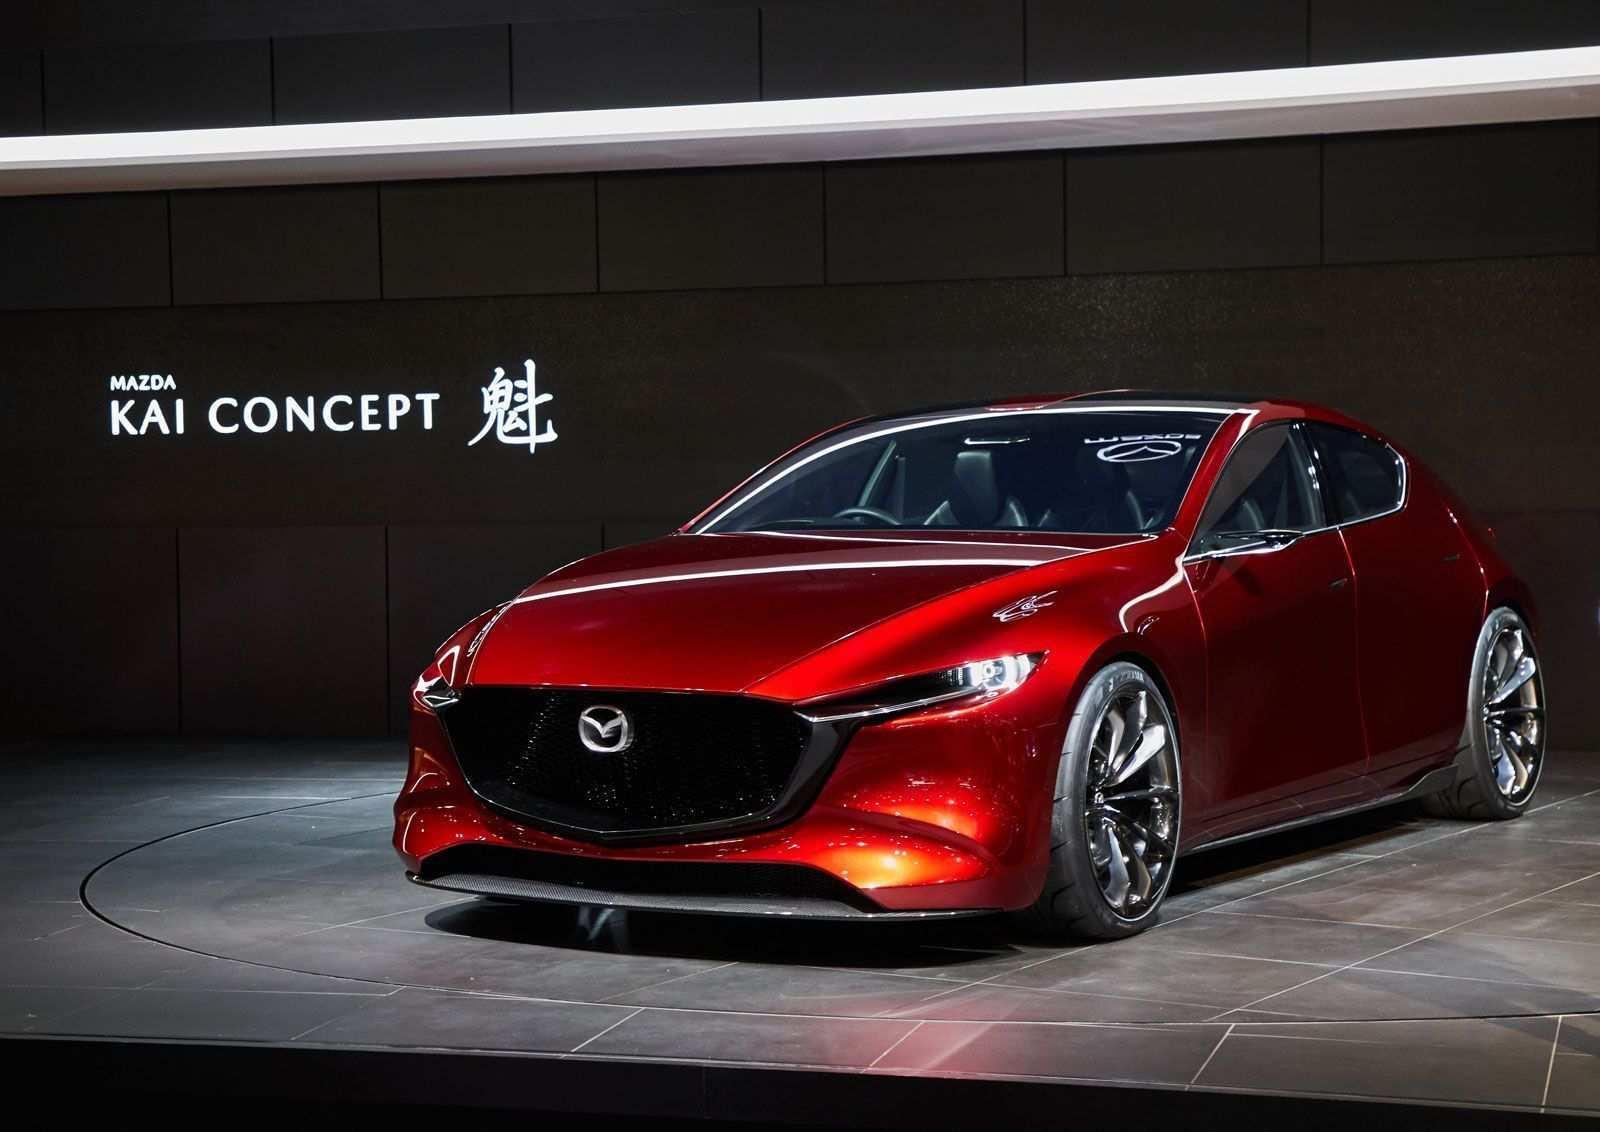 61 Best Review New Precio Mazda 2019 Mexico Spesification Release for New Precio Mazda 2019 Mexico Spesification